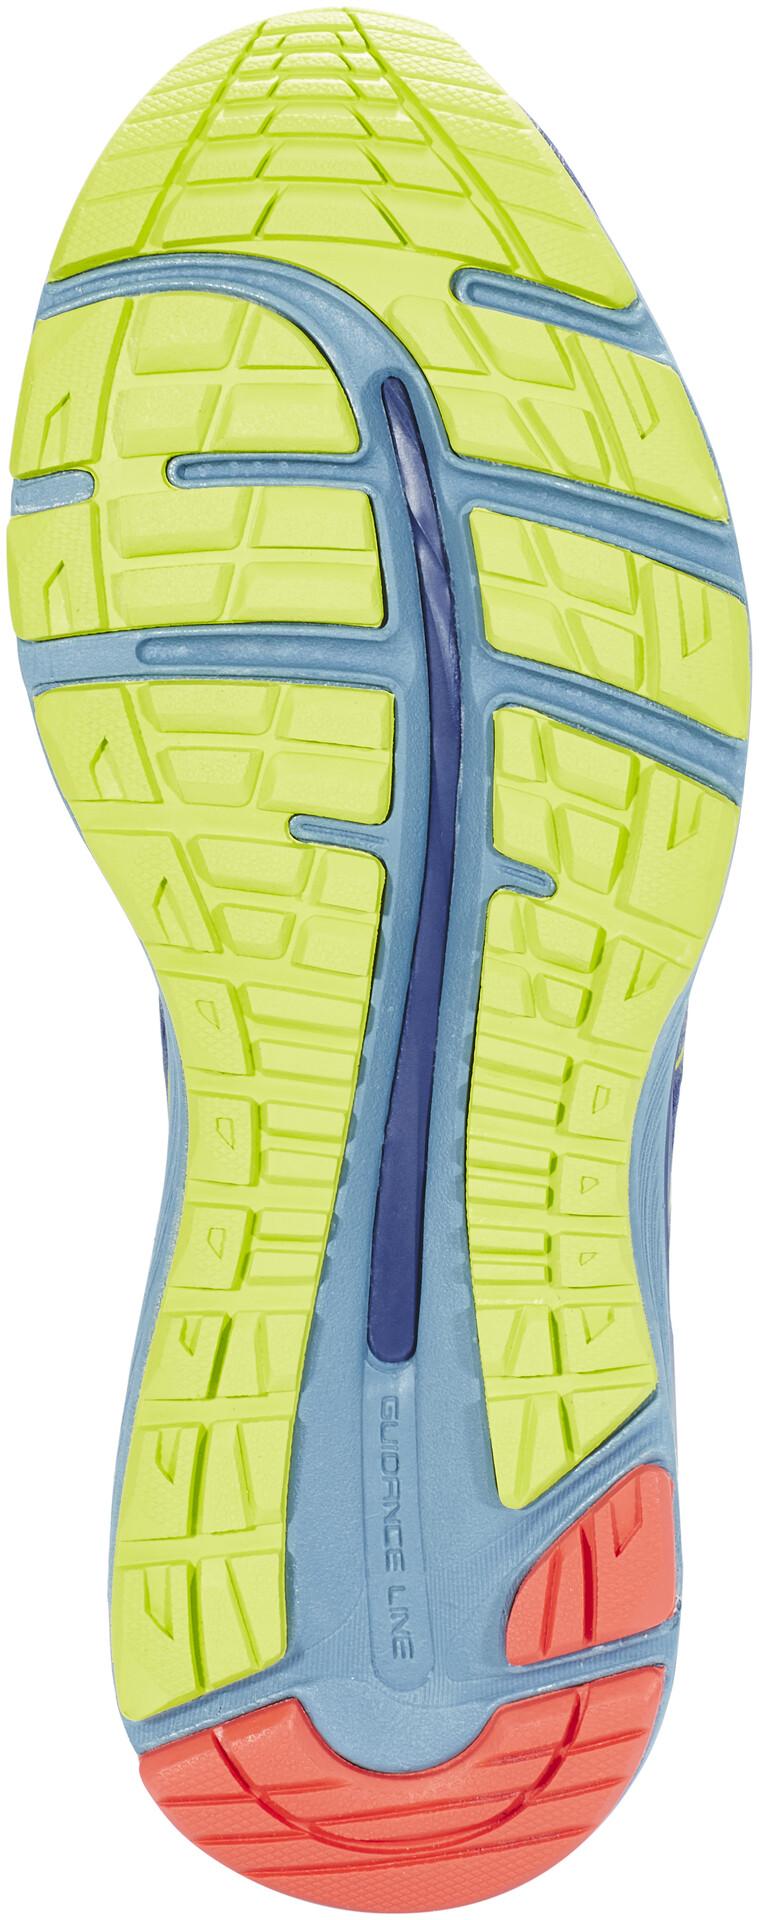 Tx Asics Bleu Chaussures Campz G Running Gel Homme 20 Cumulus Sur RarwxqIBSa